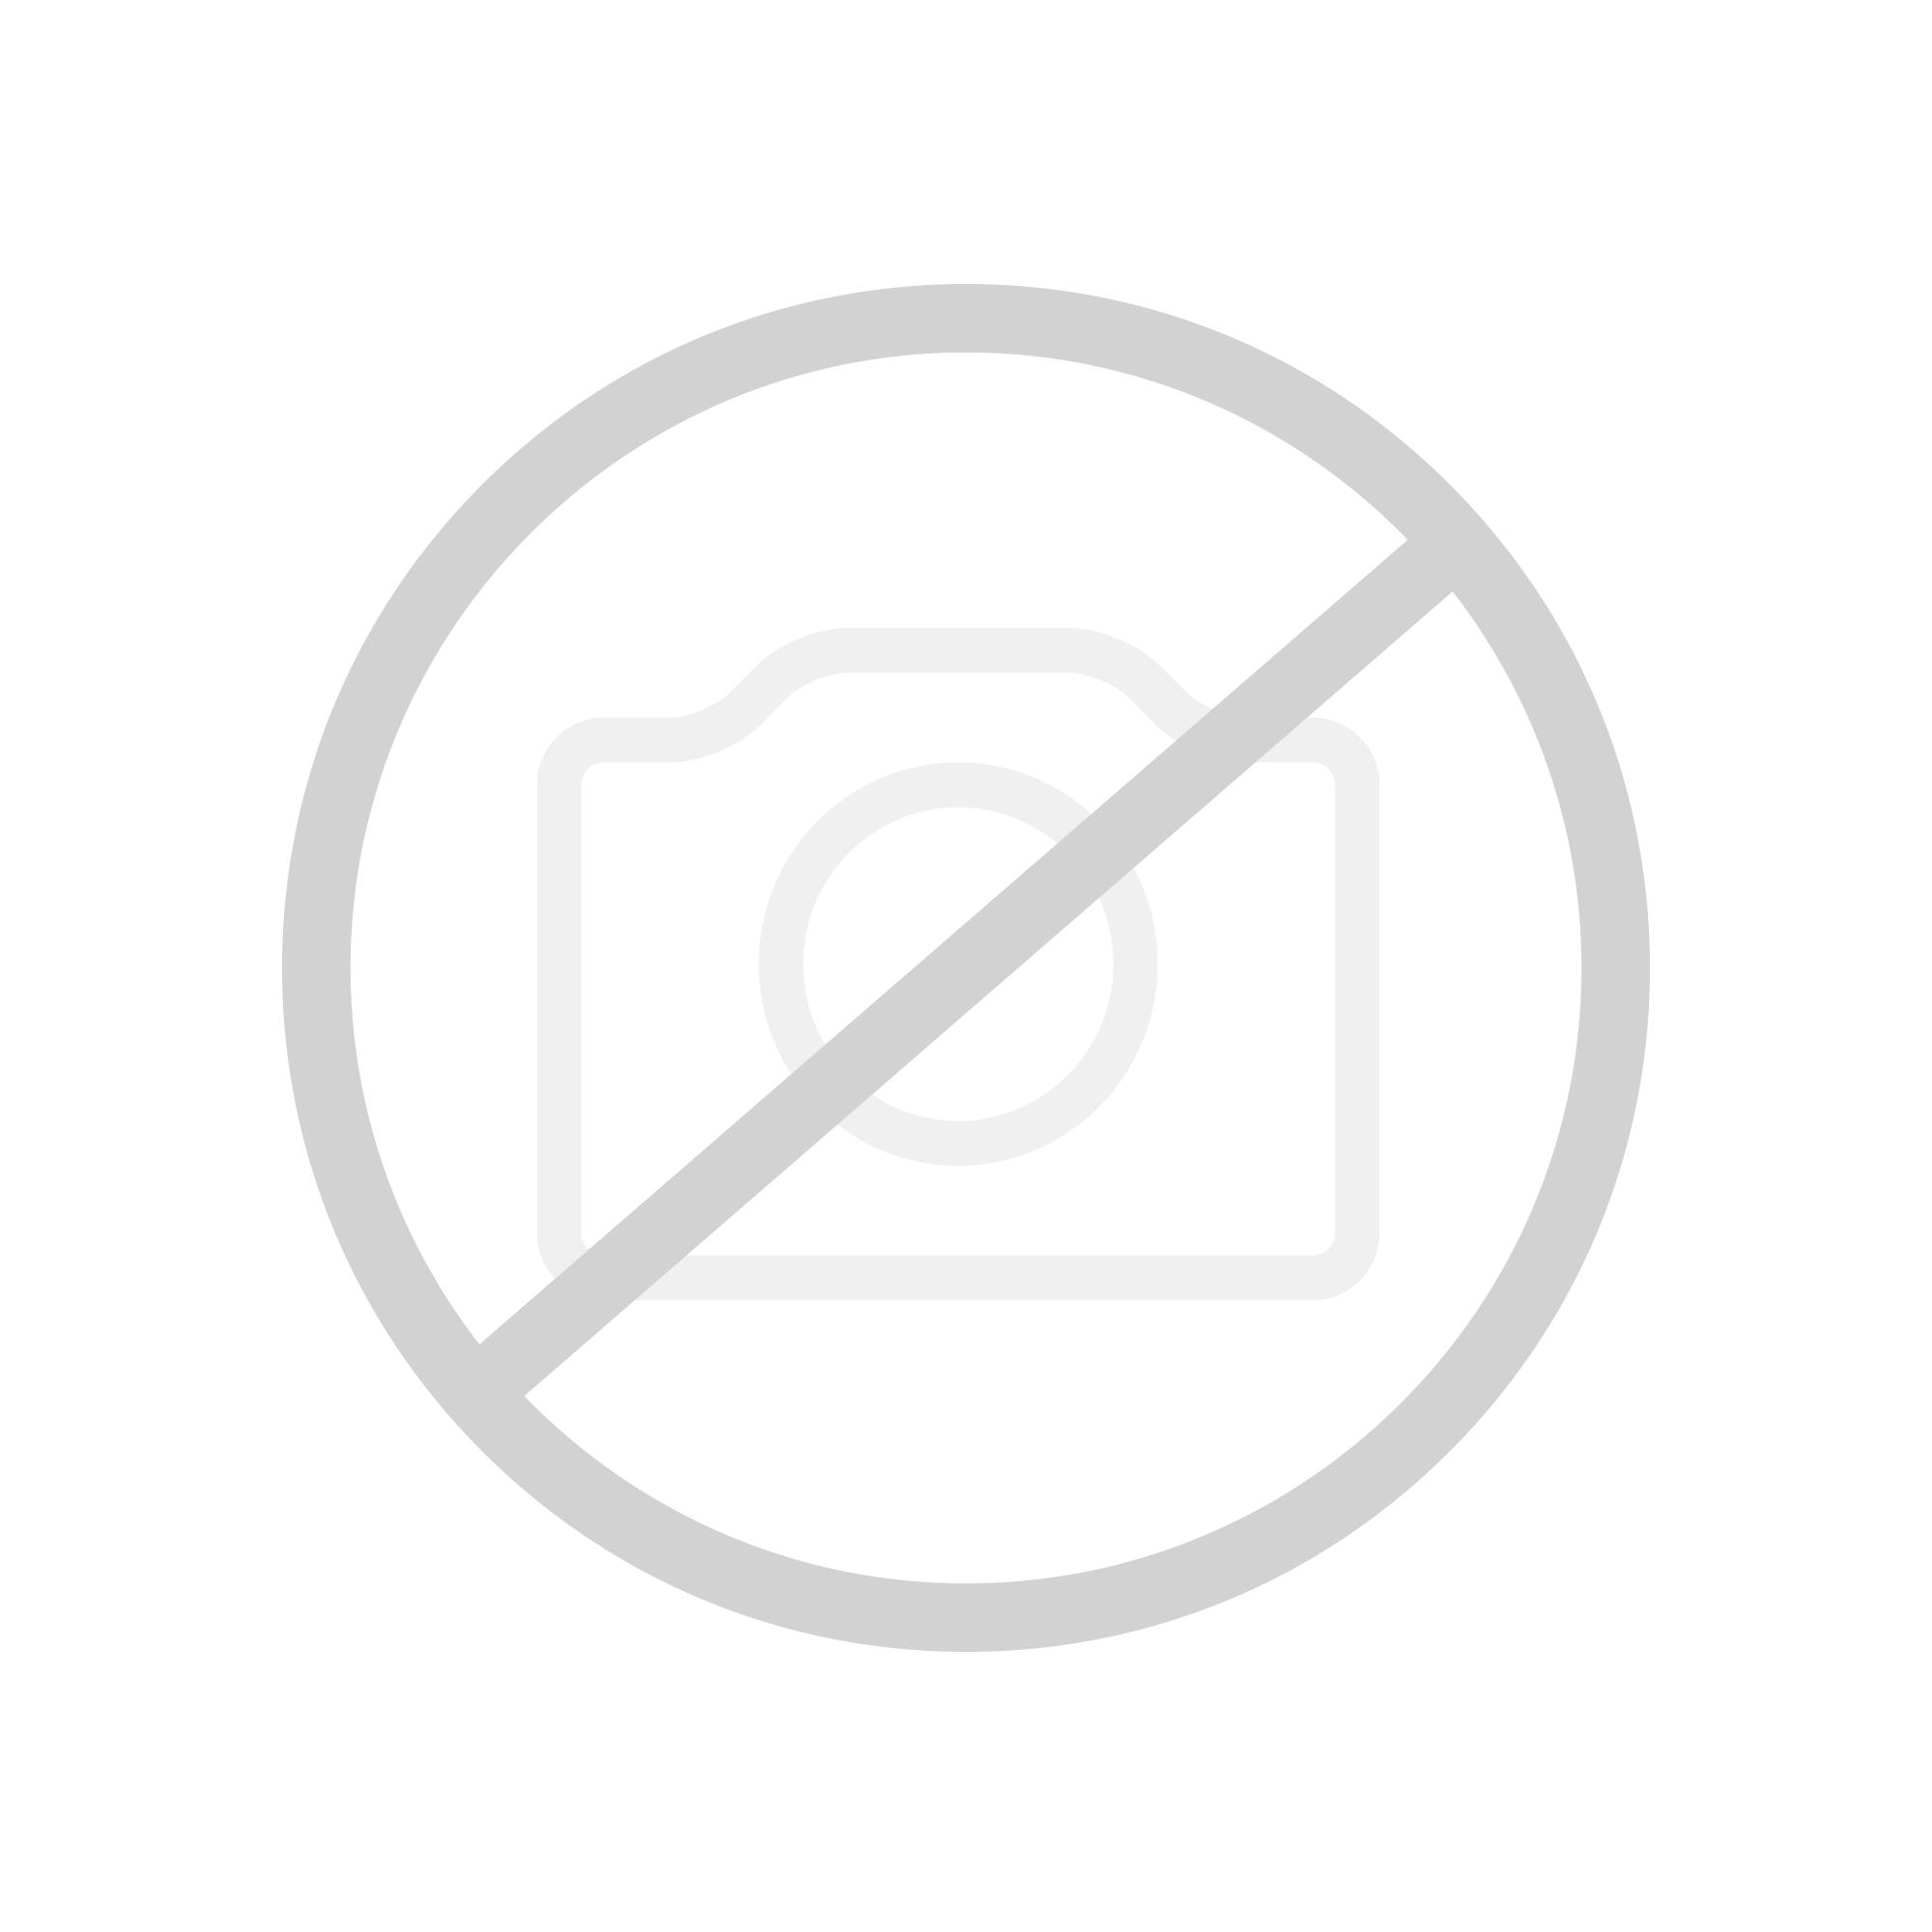 keuco edition 300 handtuchhalter 30018010000 reuter. Black Bedroom Furniture Sets. Home Design Ideas